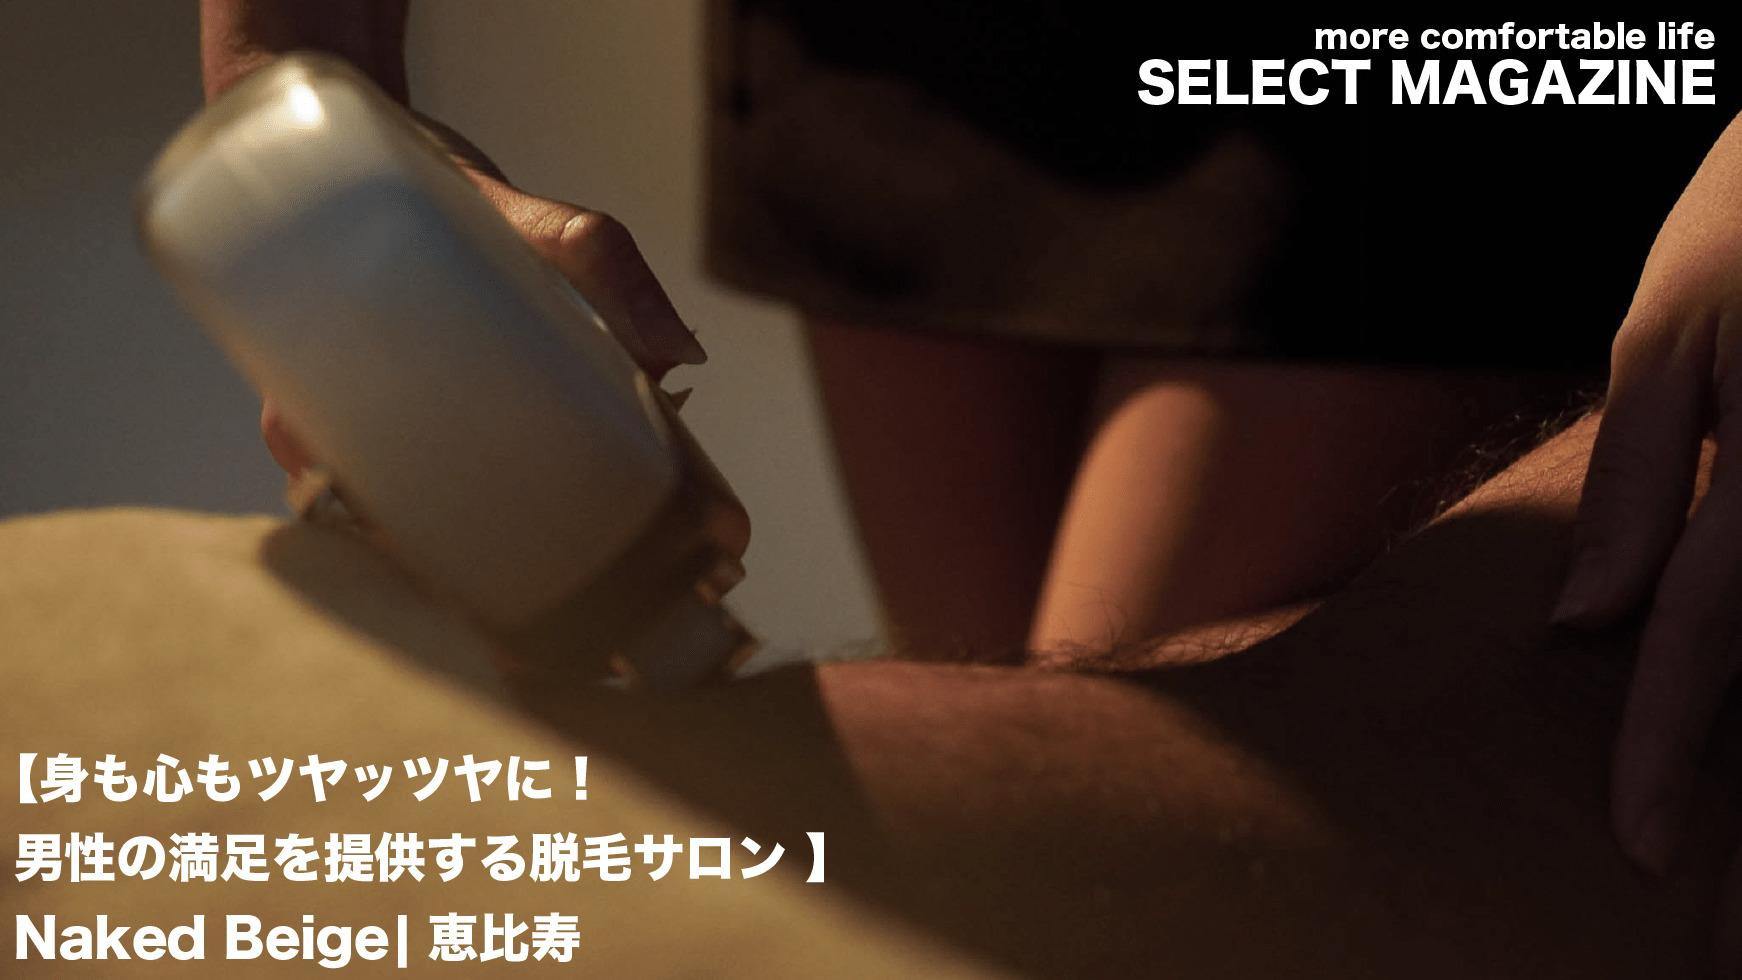 【身も心もツヤッツヤに!男性の満足を提供する脱毛サロン】Naked Beige|恵比寿&麻布十番